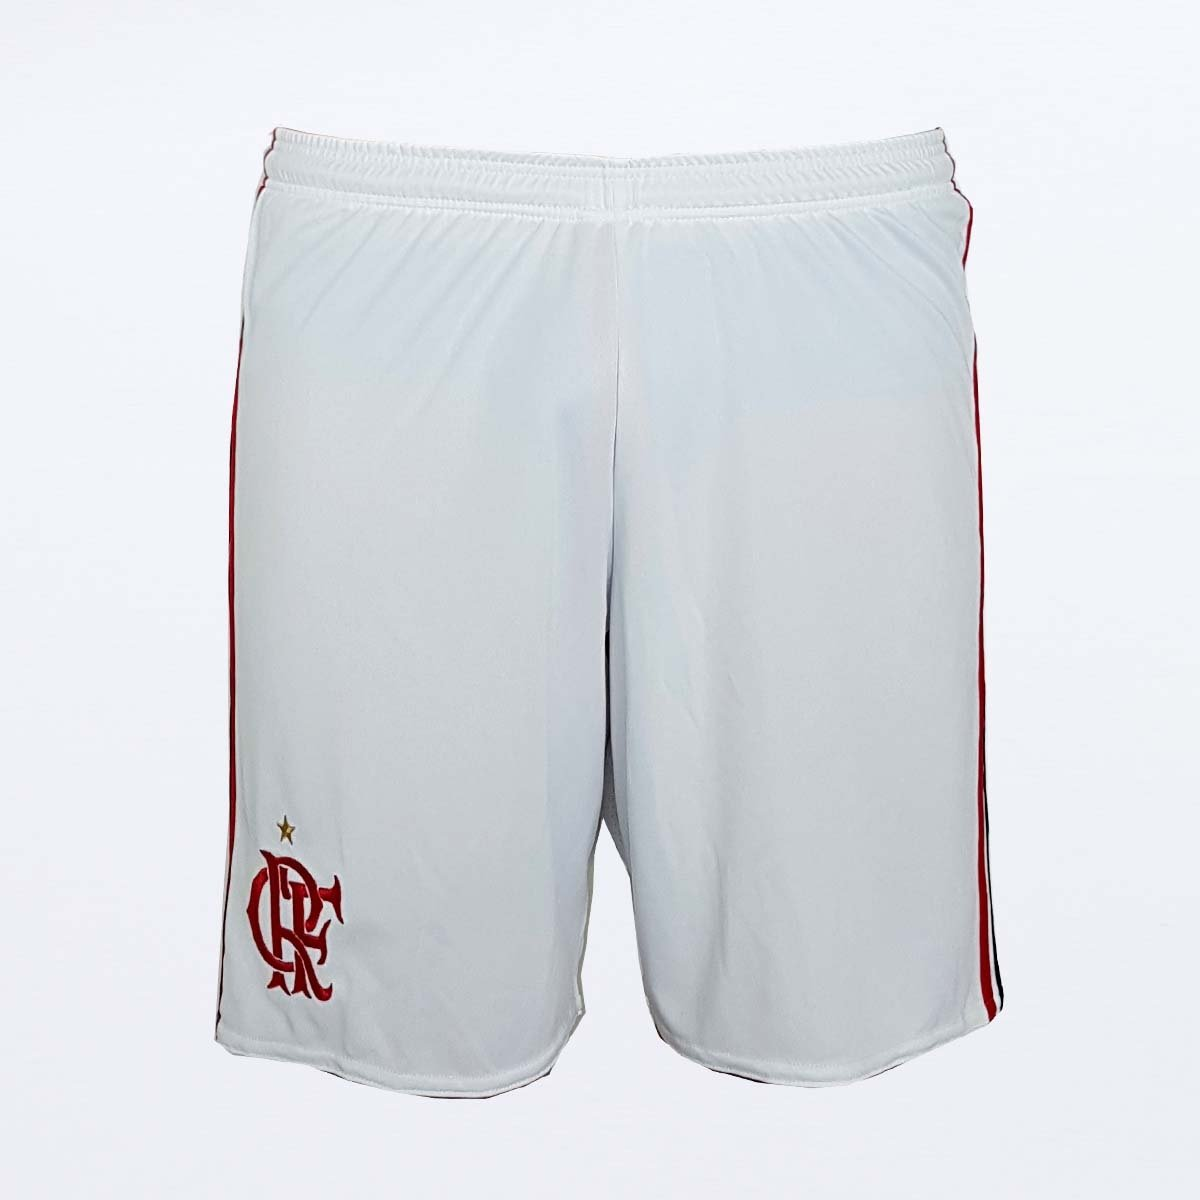 53b4f6a630 Short Flamengo Oficial 1 Adidas 2017 - Compre Agora